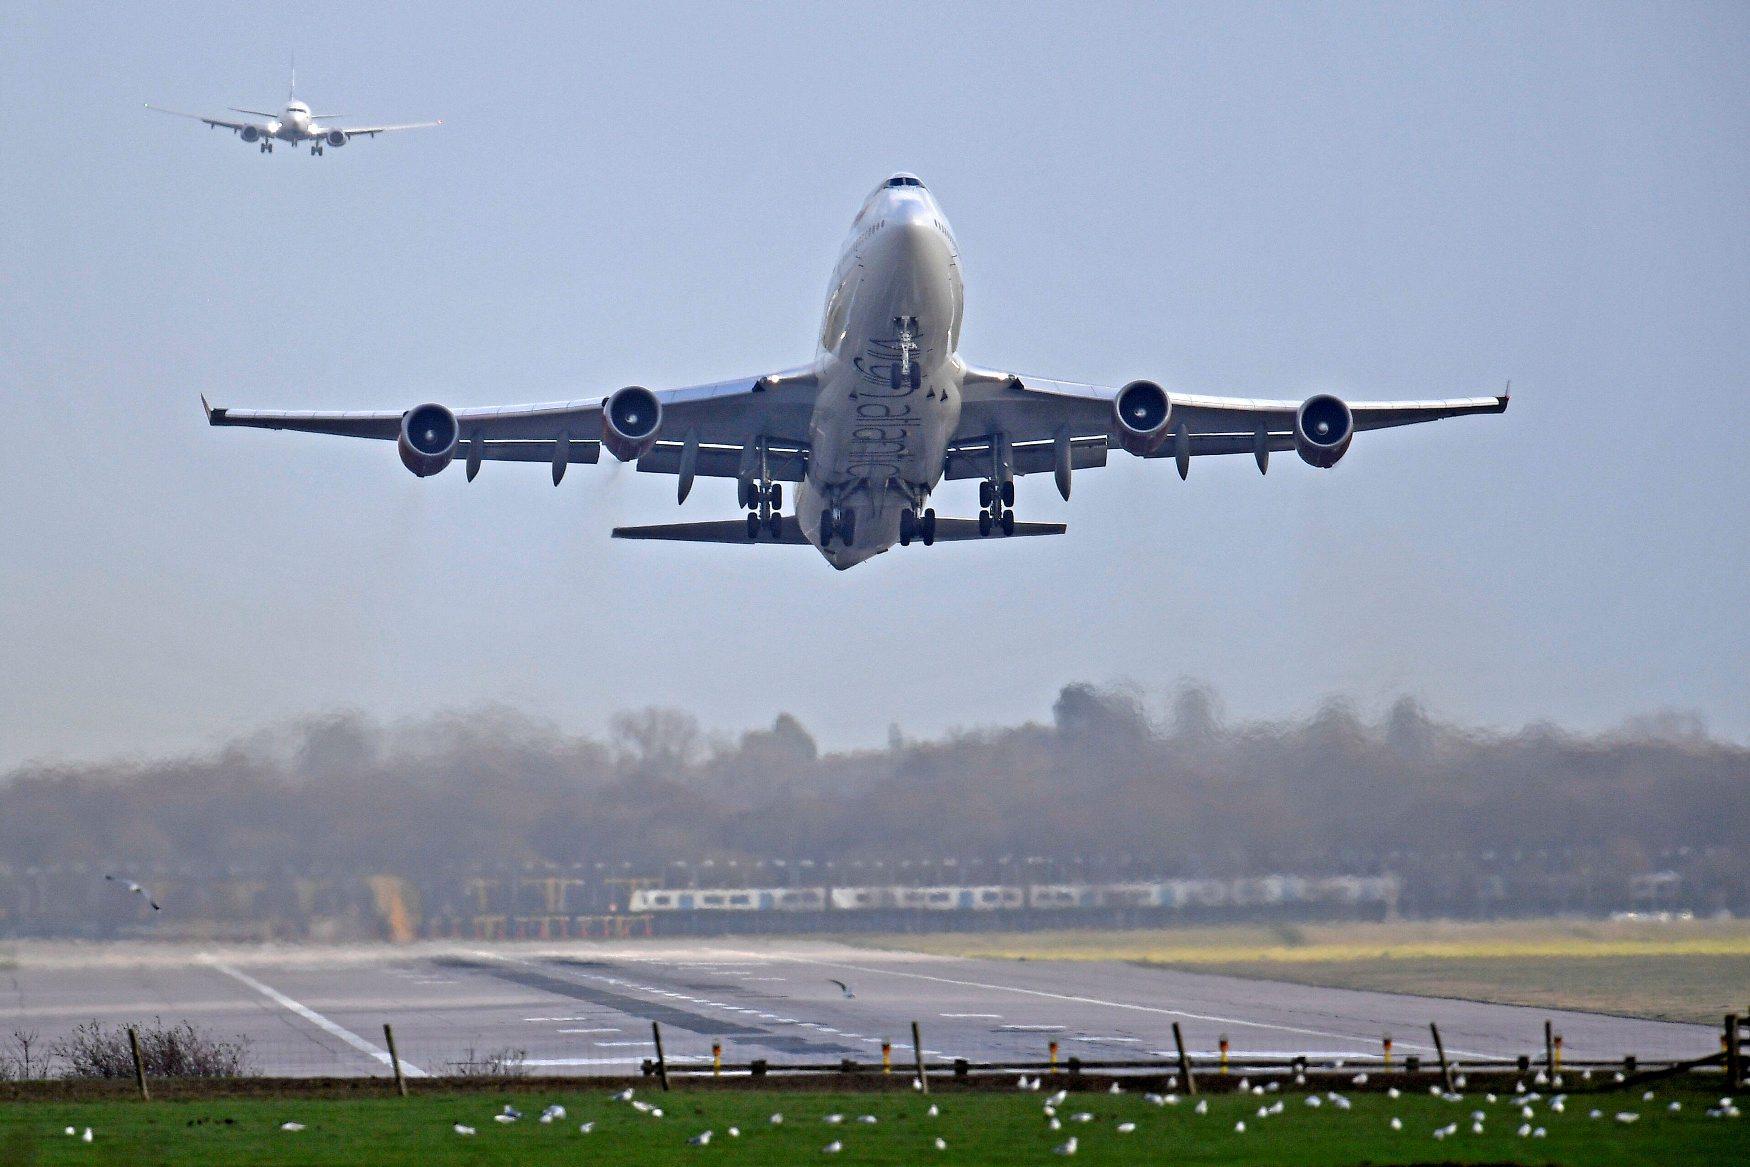 Zračna luka Gatwick